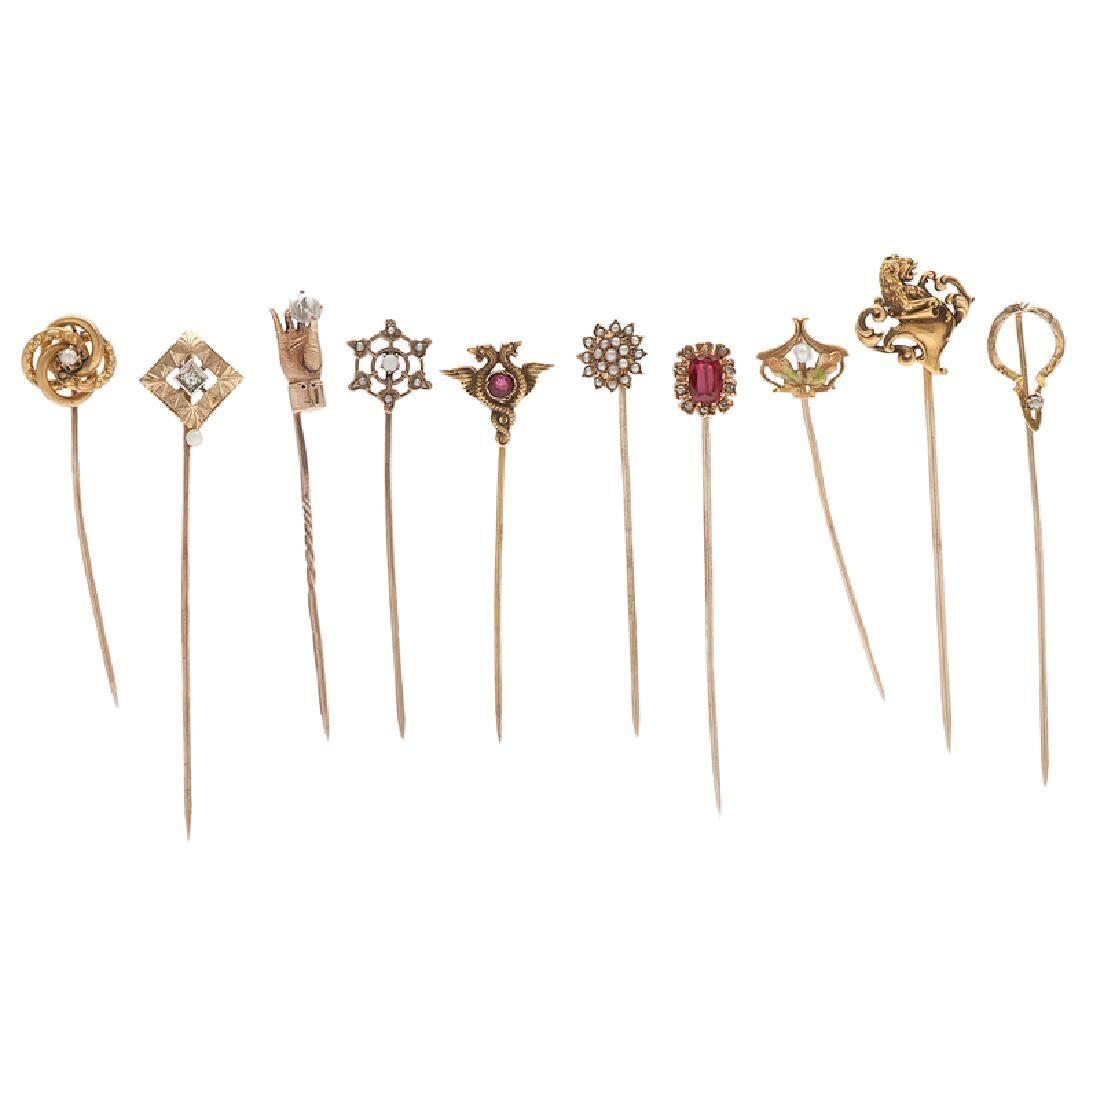 Stickpins in Karat Gold